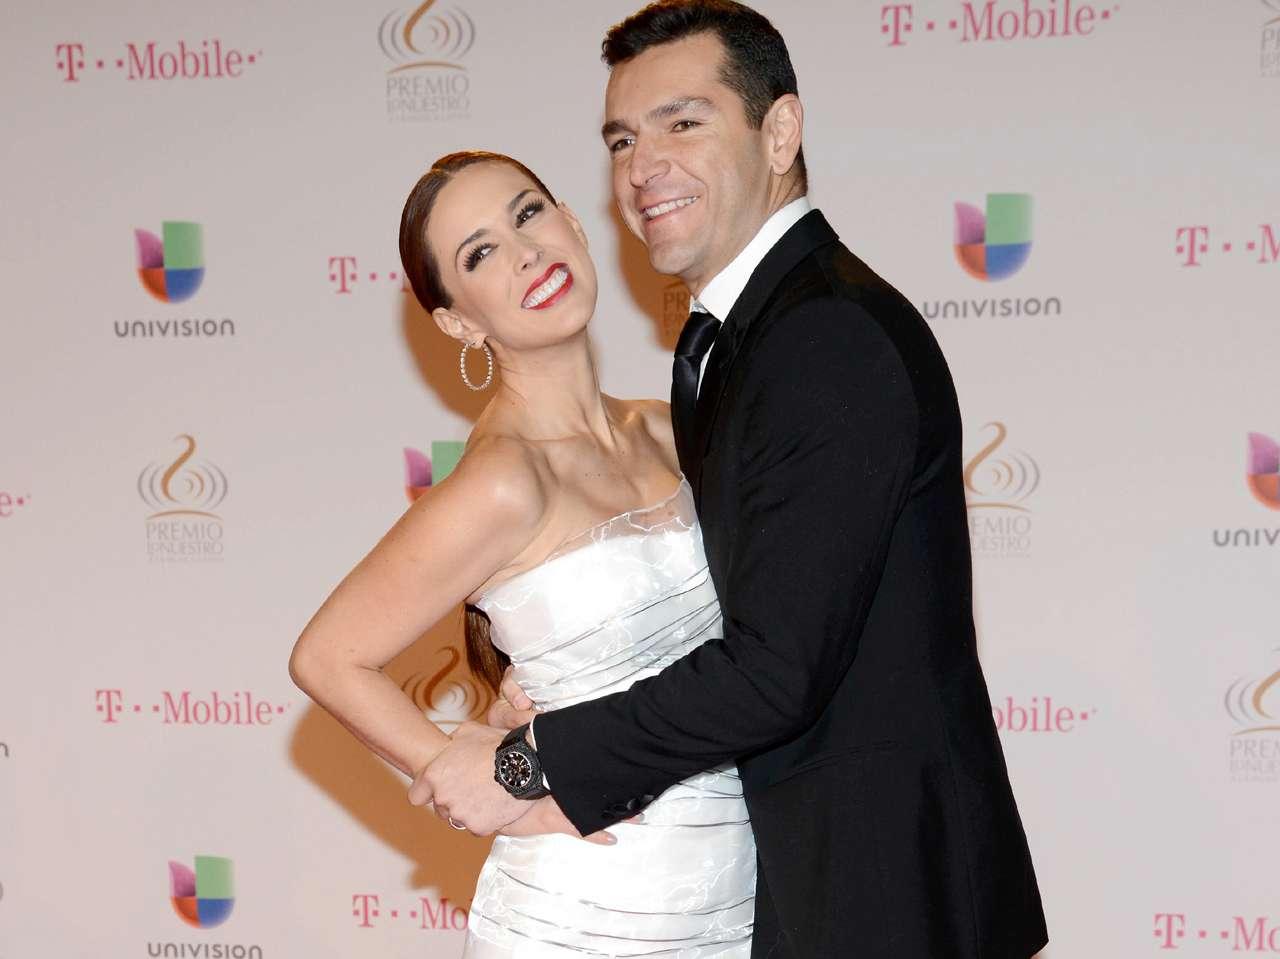 La revista TV Notas exhibió al esposo de Jacqueline Bracamontes en situación comprometedora con otras mujeres. Foto: Photo AMC